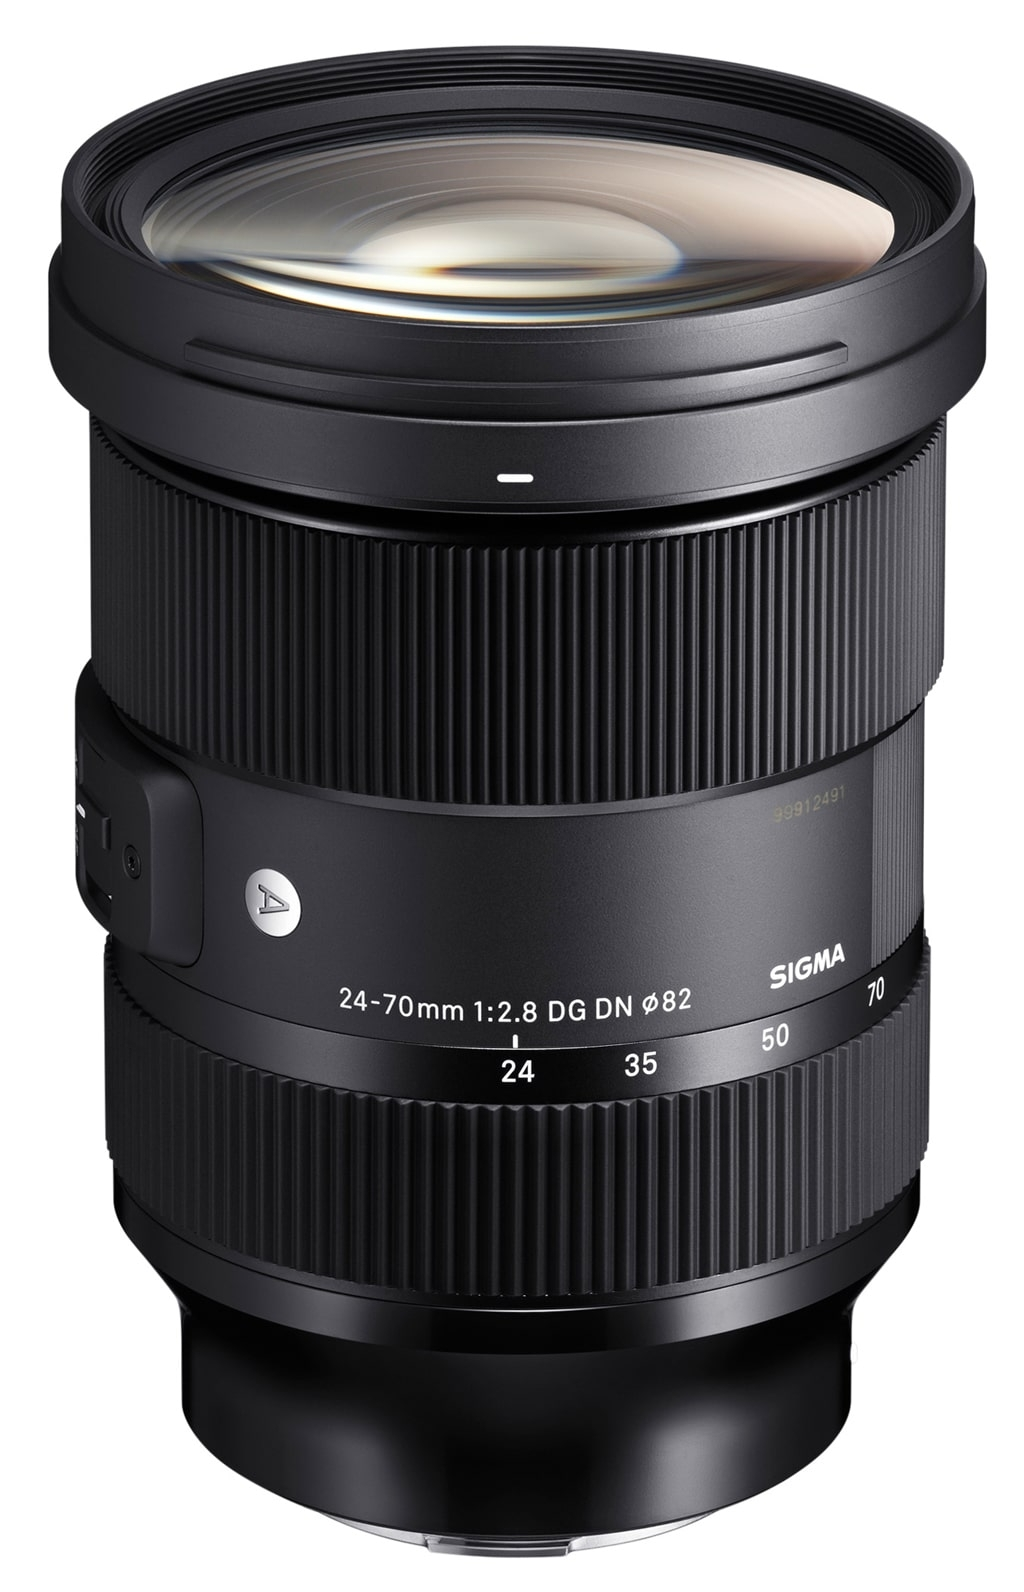 LEICA SL2 schwarz 10854 + Sigma 24-70mm 1:2,8 DG DN Art für L-Mount